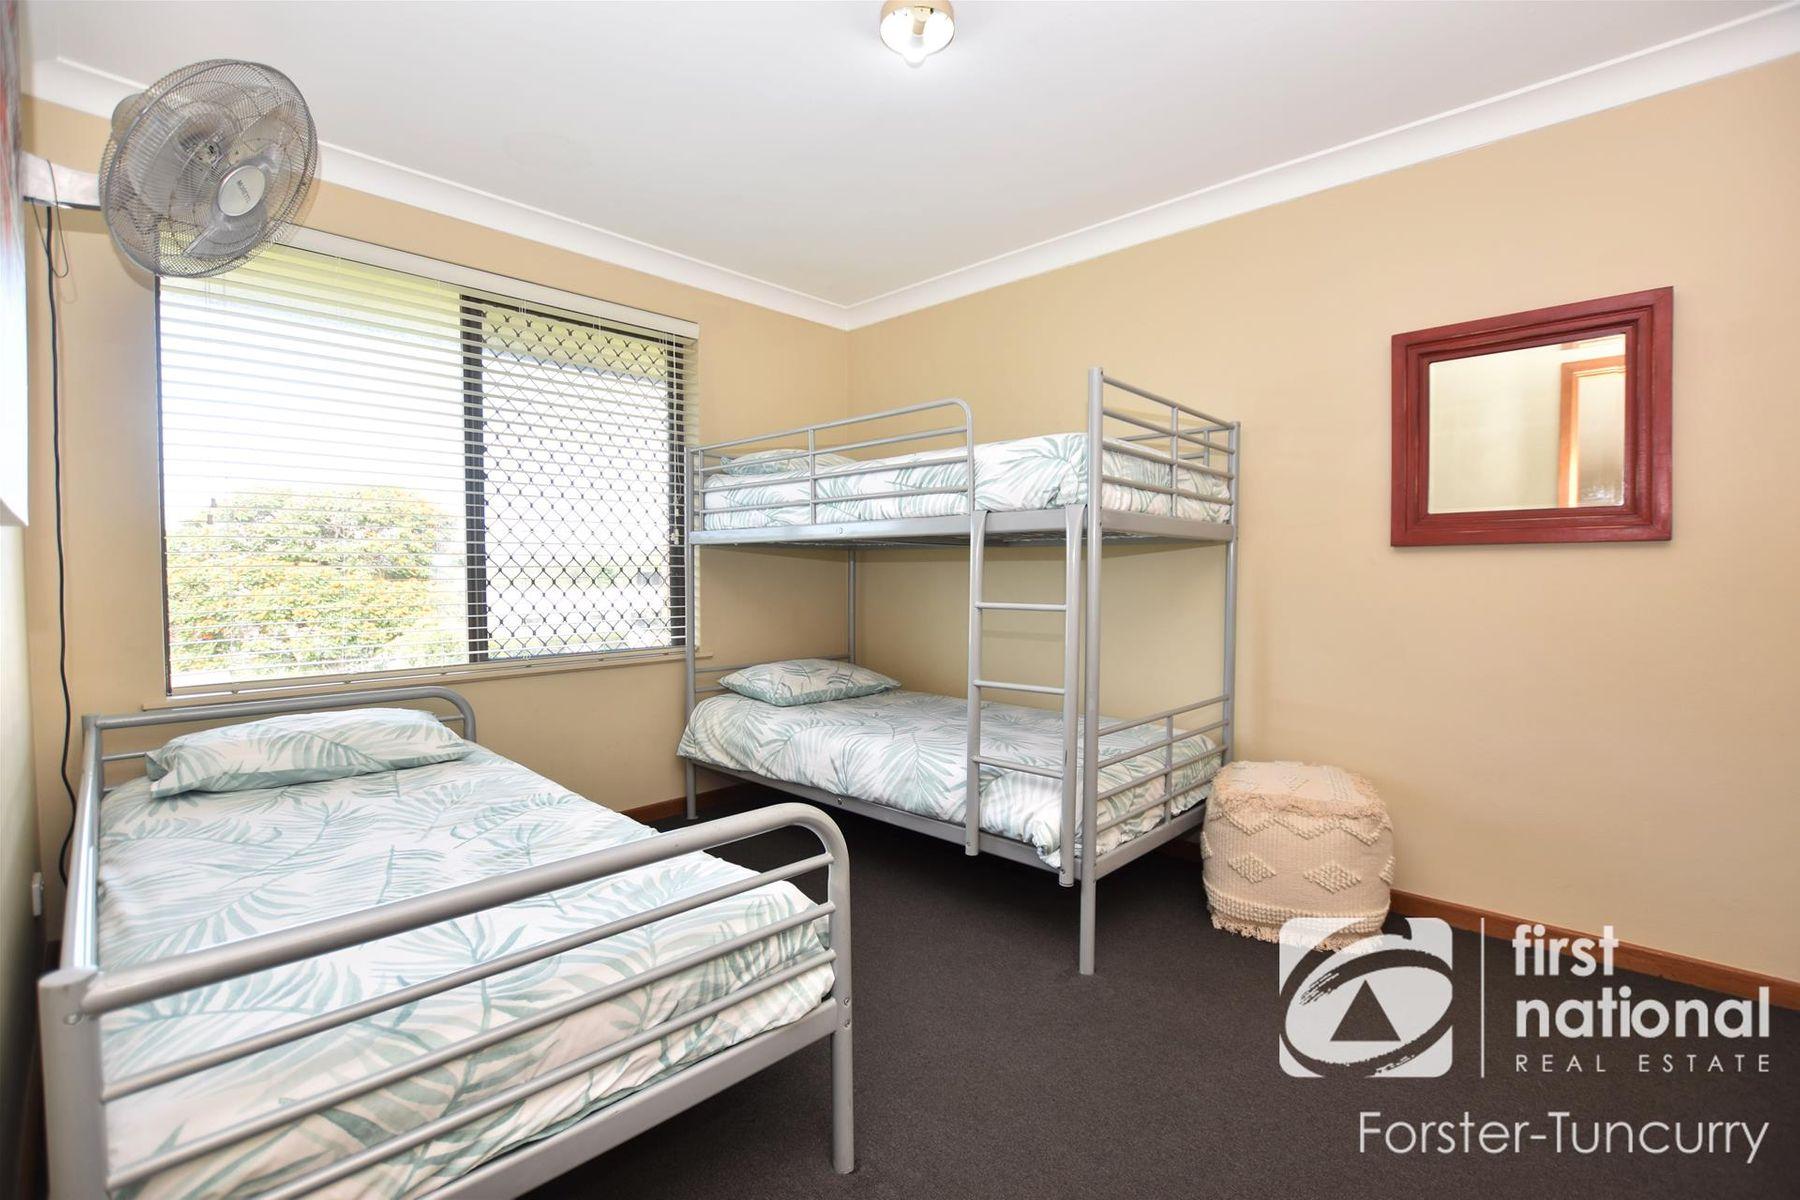 13/39 Short Street, Forster, NSW 2428